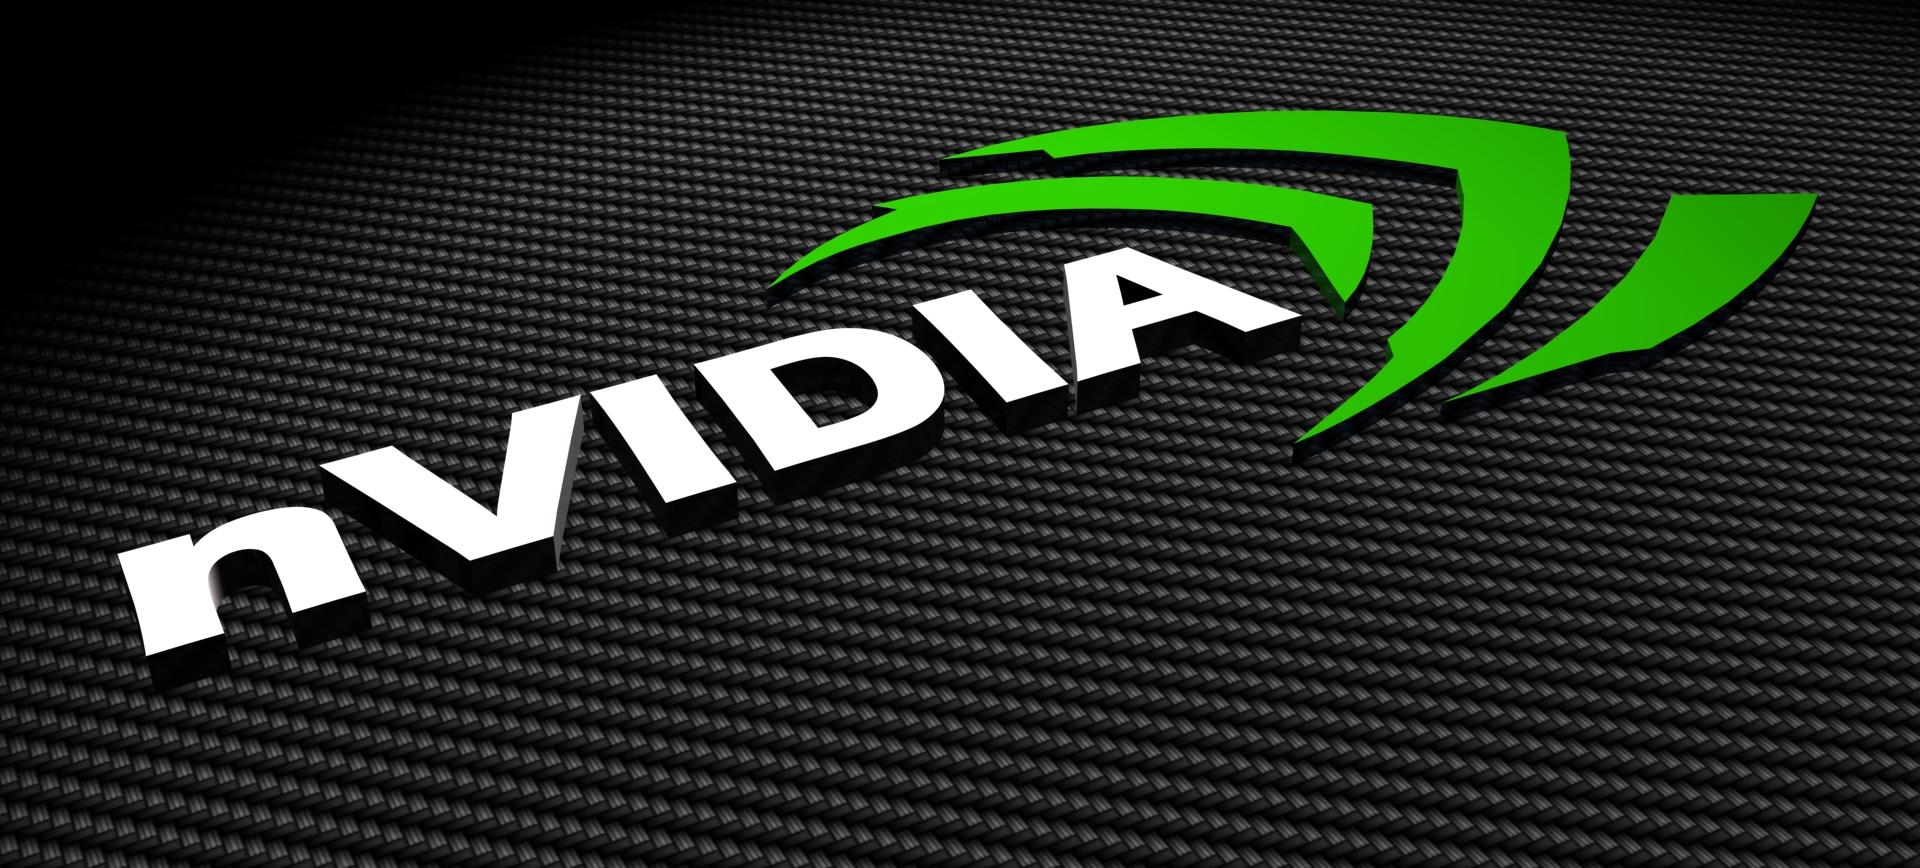 Использование видеокарты Nvidia